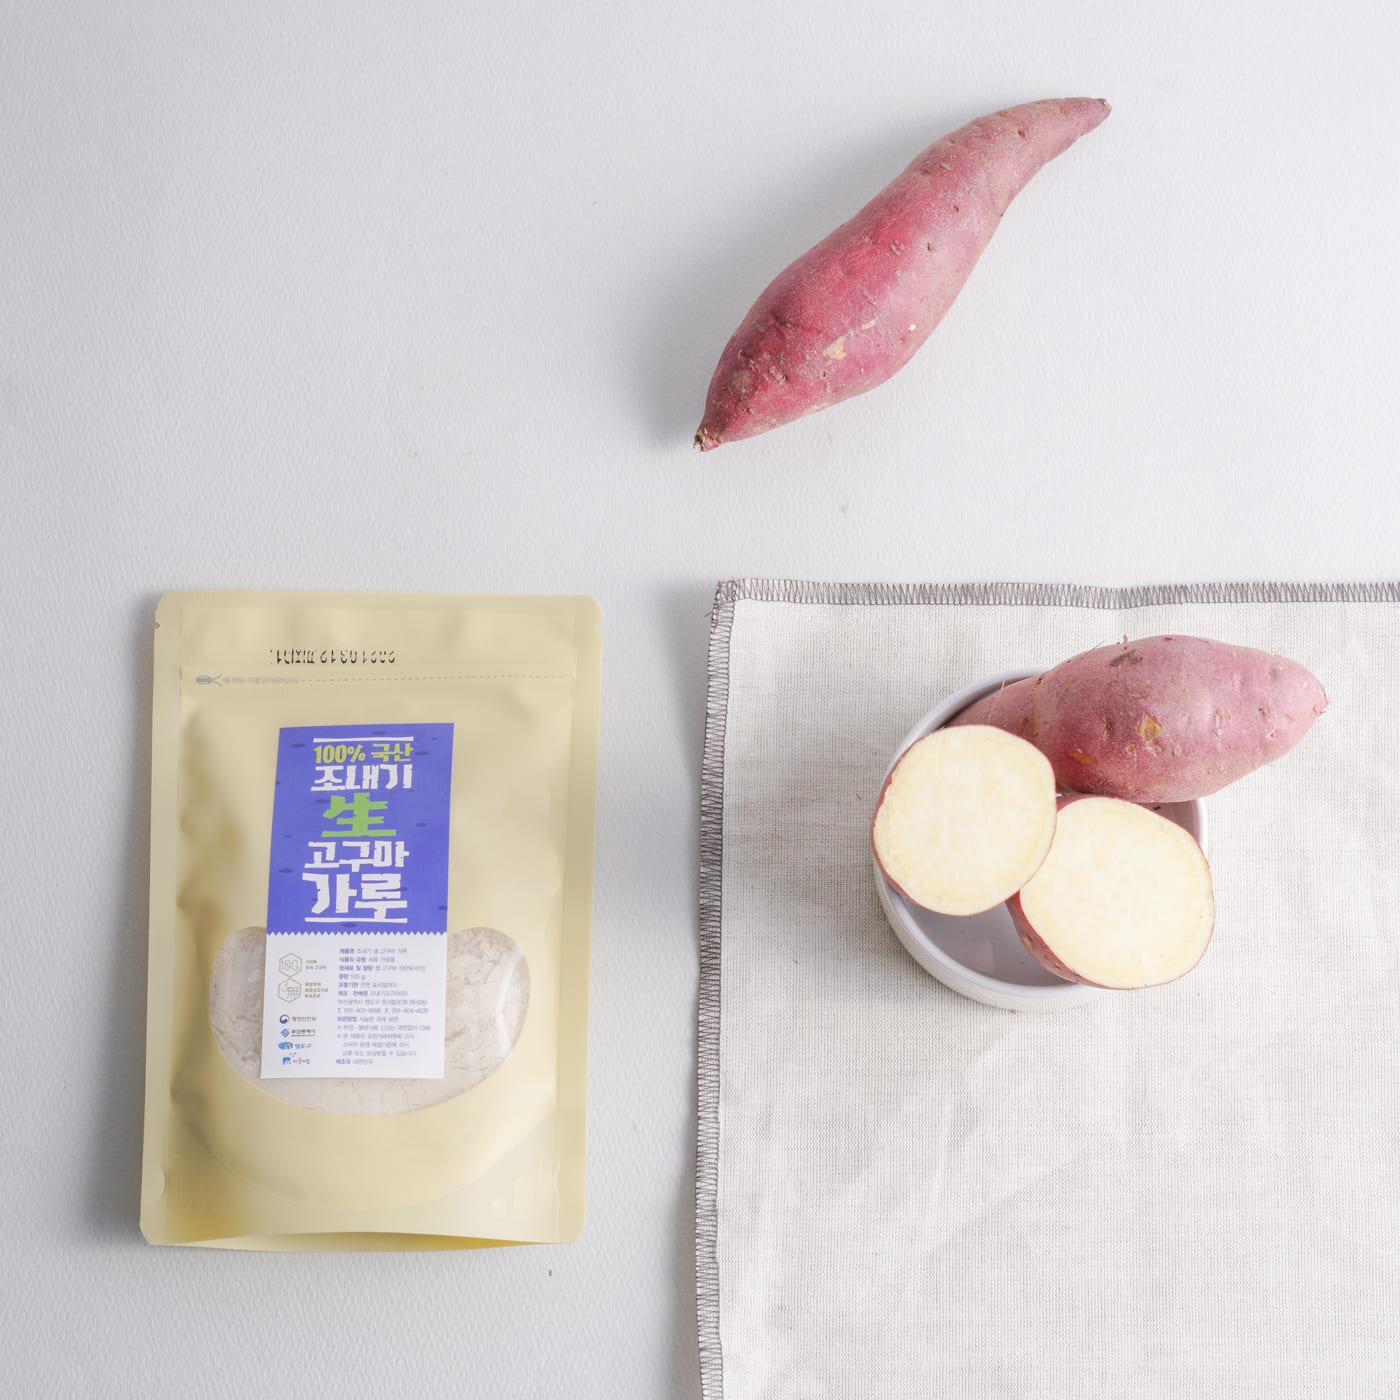 조내기 생(生) 고구마 가루(100g) / 첨가물 제로! 100% 생 고구마로 만든 고구마 분말 상세이미지1